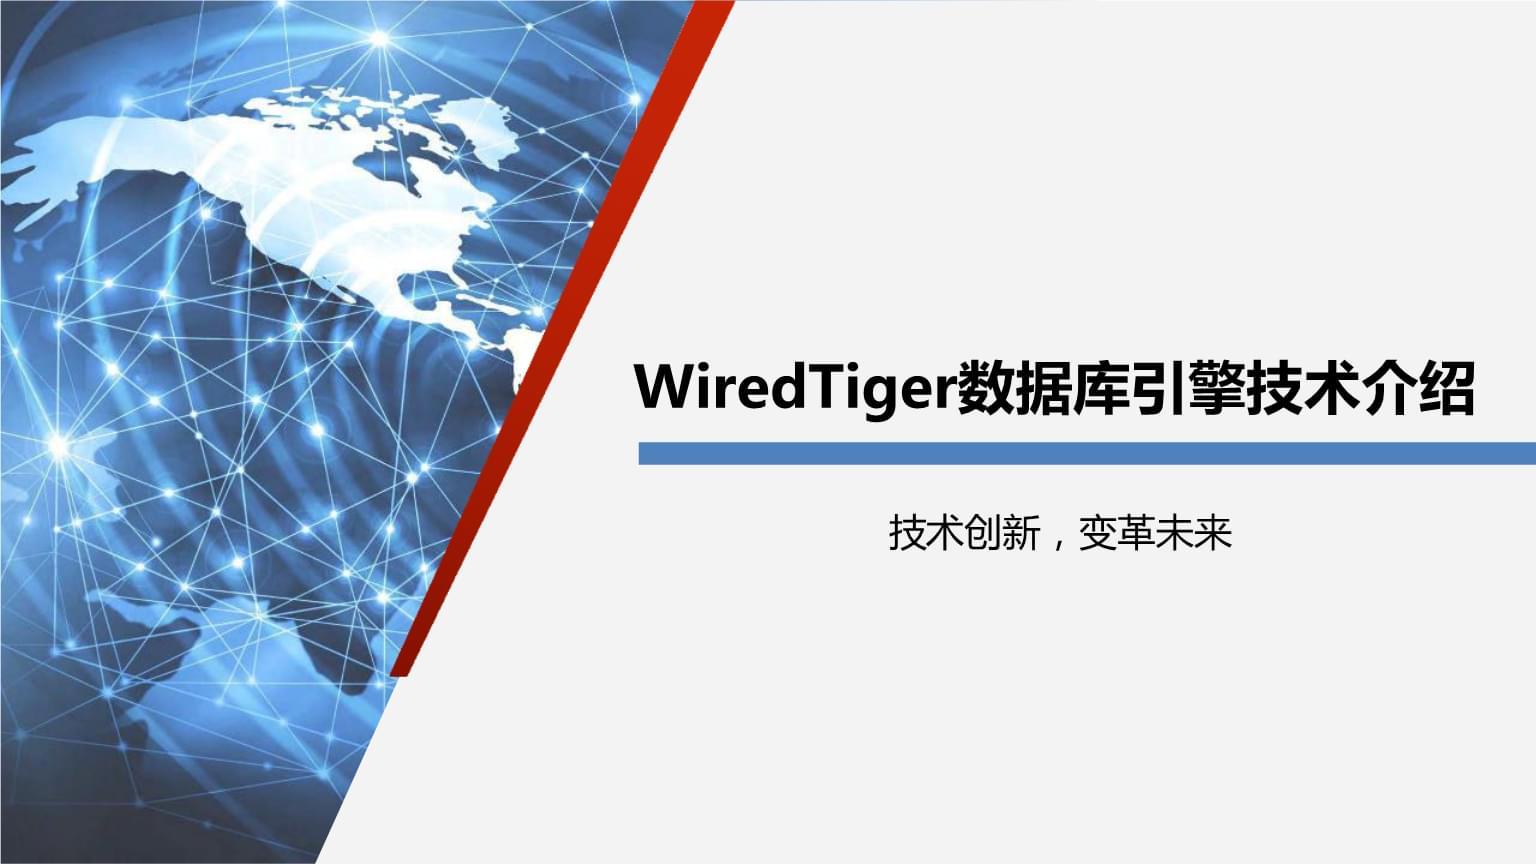 WiredTiger数据库技术介绍.pptx